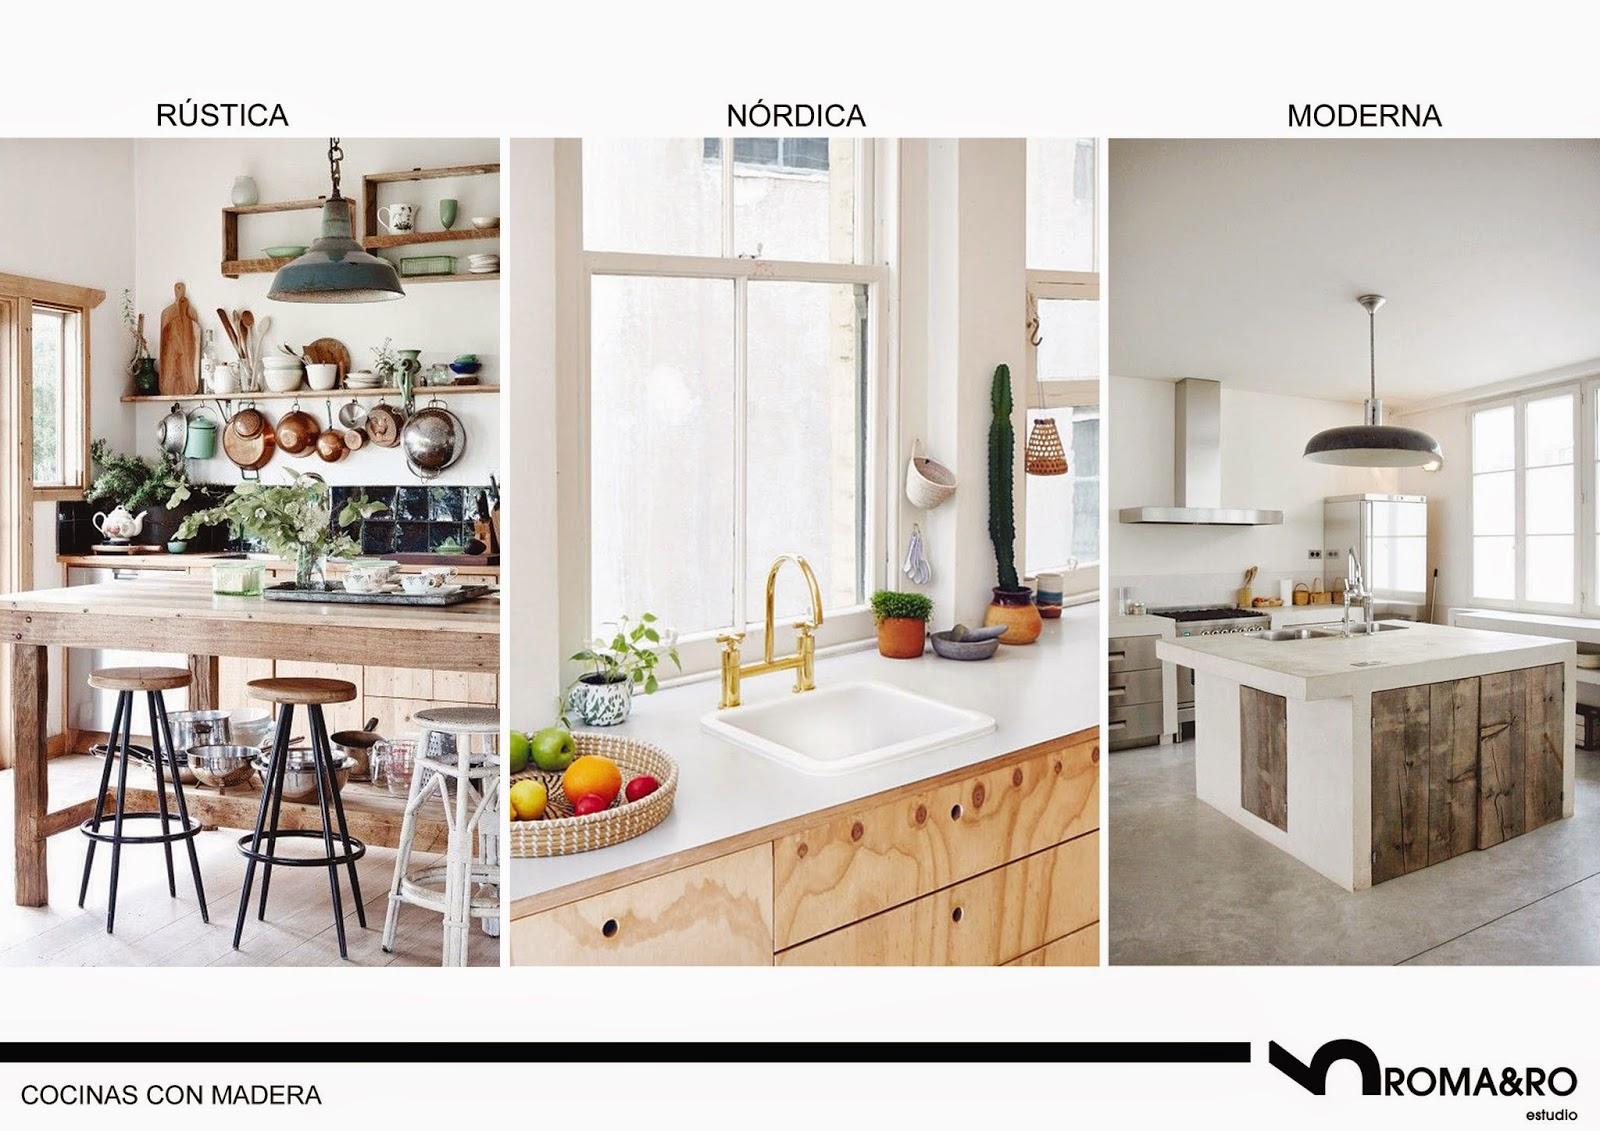 Estilo rústico, estilo nórdico y estilo moderno para cocinas